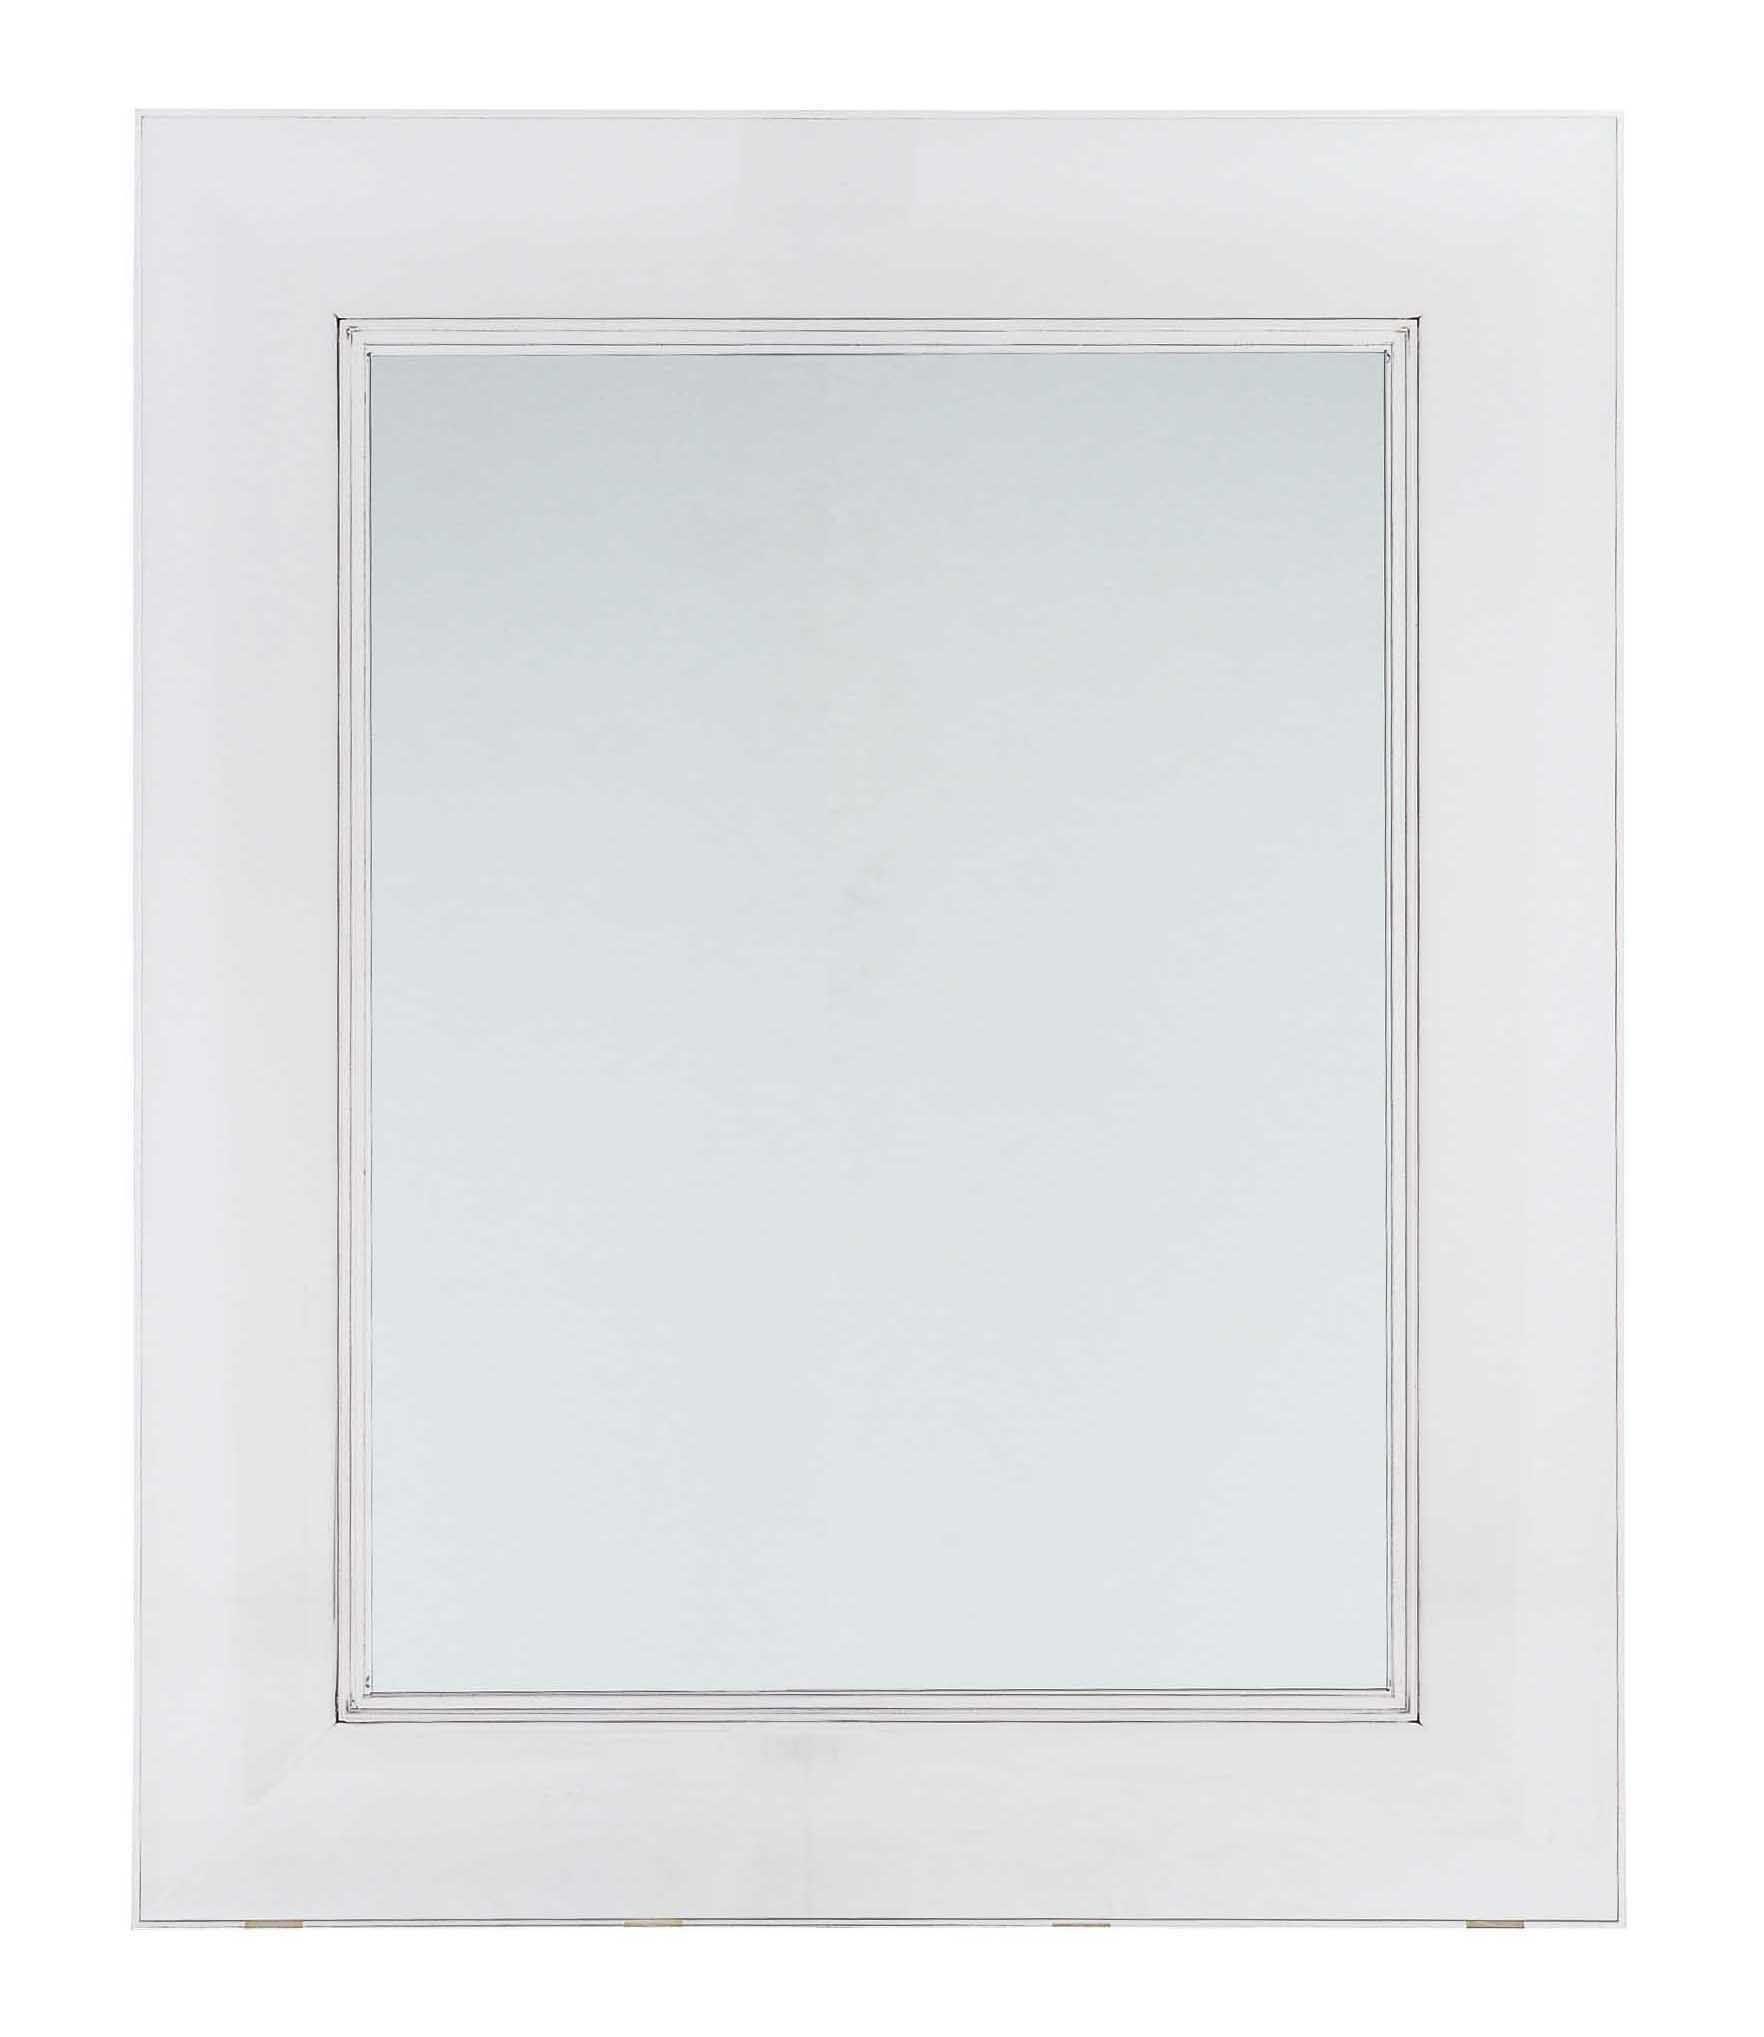 Arredamento - Complementi d'arredo - Specchio murale Francois Ghost - 65 x 79 cm di Kartell - Trasparente - policarbonato